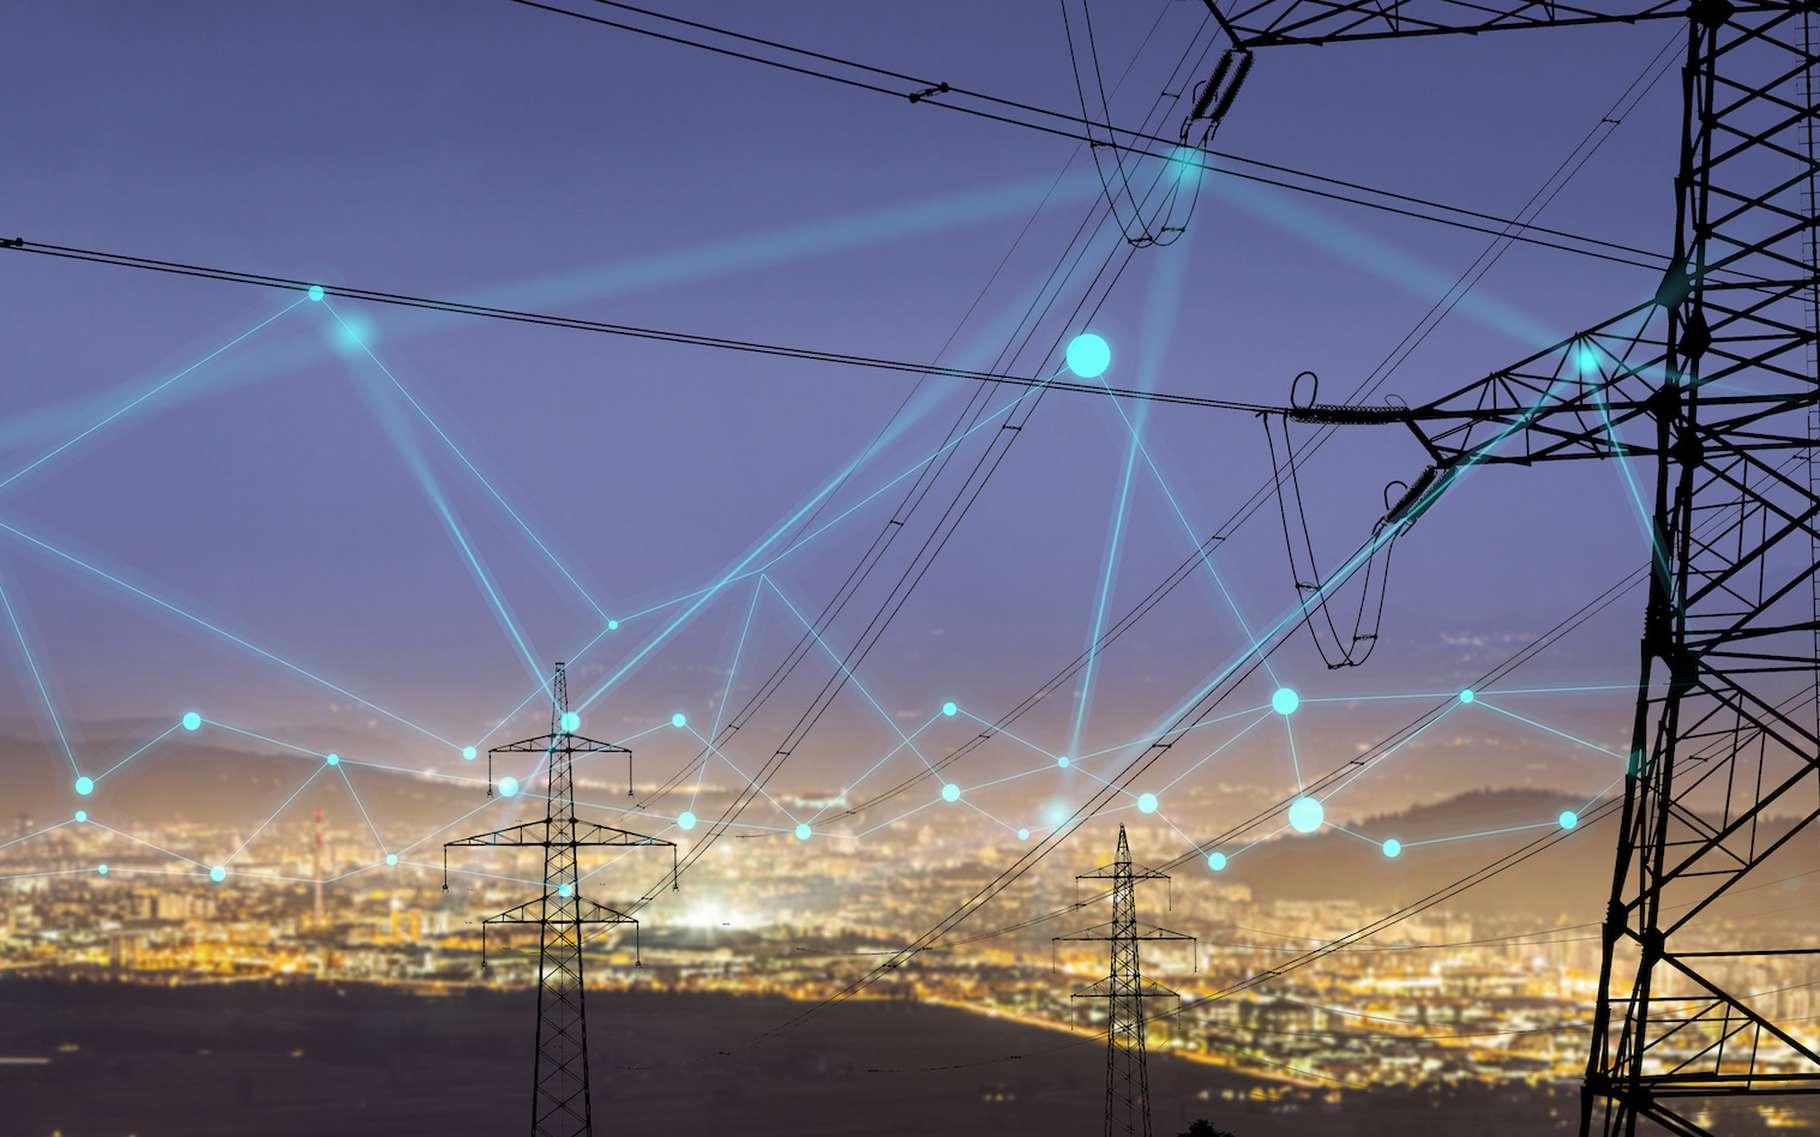 Les réseaux électriques sont au cœur de la transition énergétique. Dans un futur proche et pour intégrer de nouvelles productions renouvelables et décentralisées ainsi que de nouveaux usages, ils devront être capables de plus d'agilité et se montrer plus intelligents. © urbans78, Adobe Stock